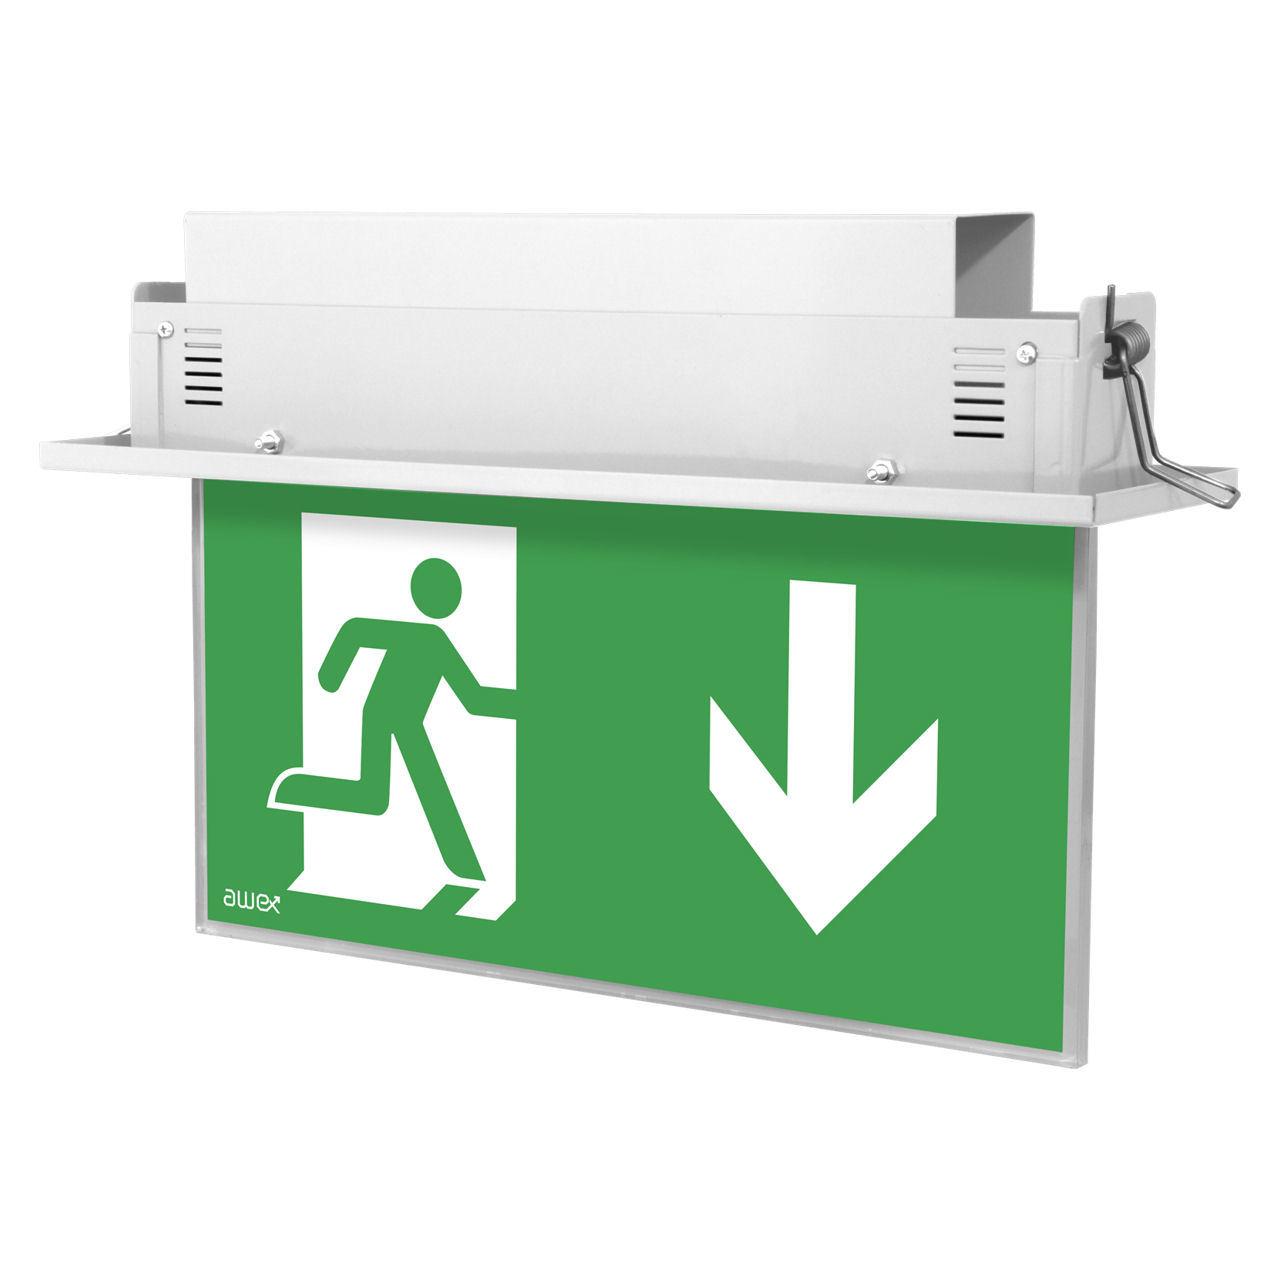 Встраиваемые светодиодные аварийные указатели выход Plexi LED Awex – белый корпус